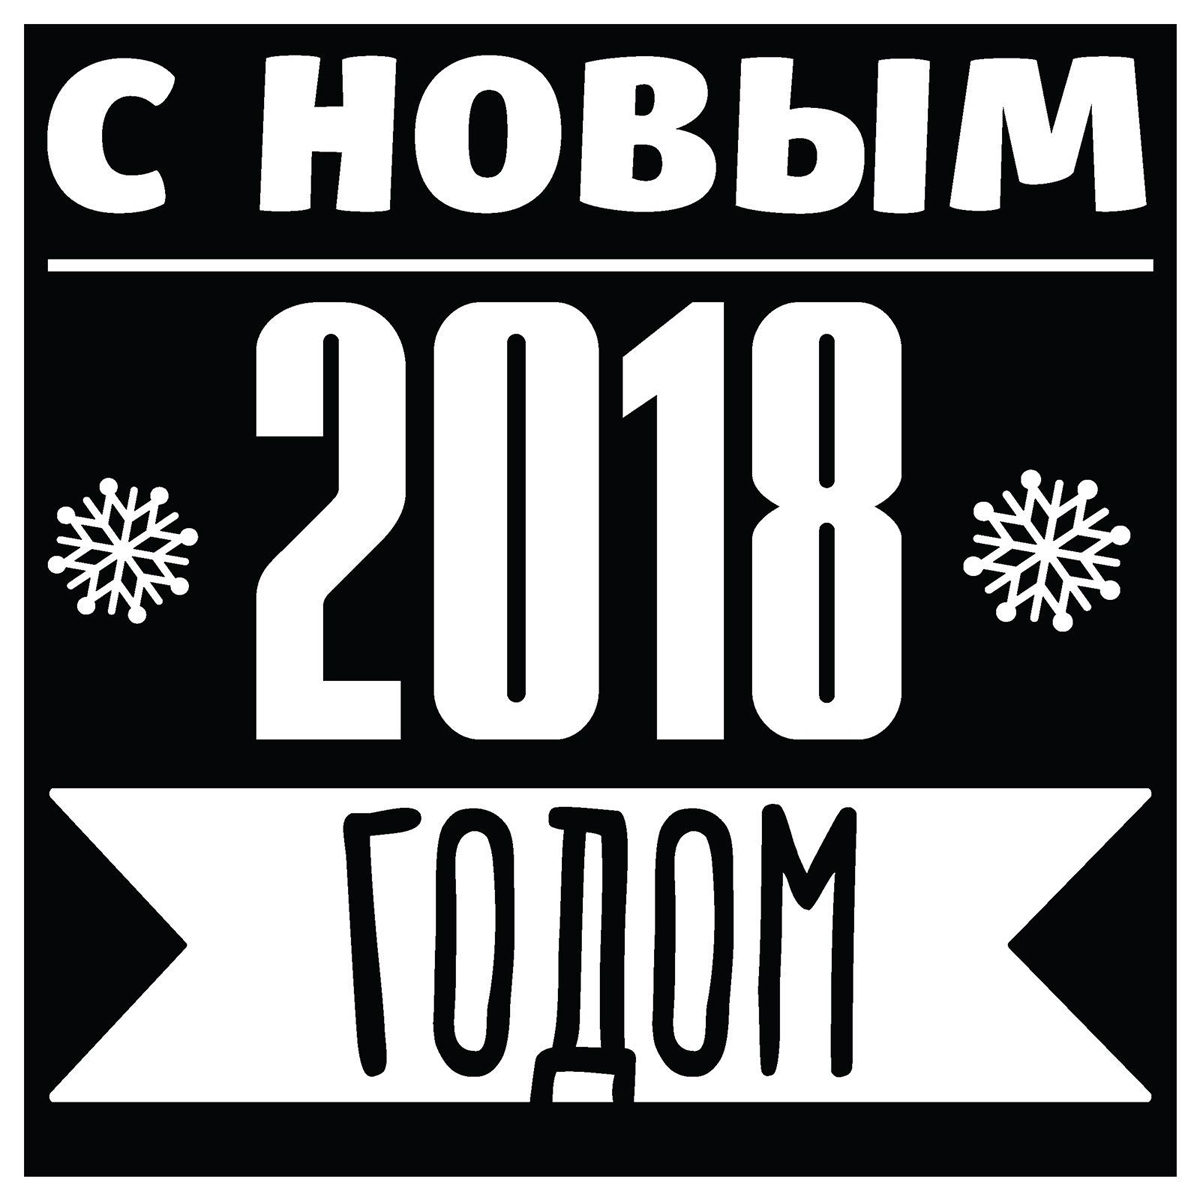 Наклейка на автомобиль  С Новым 2018 годом , 20 х 20 см -  Наклейки